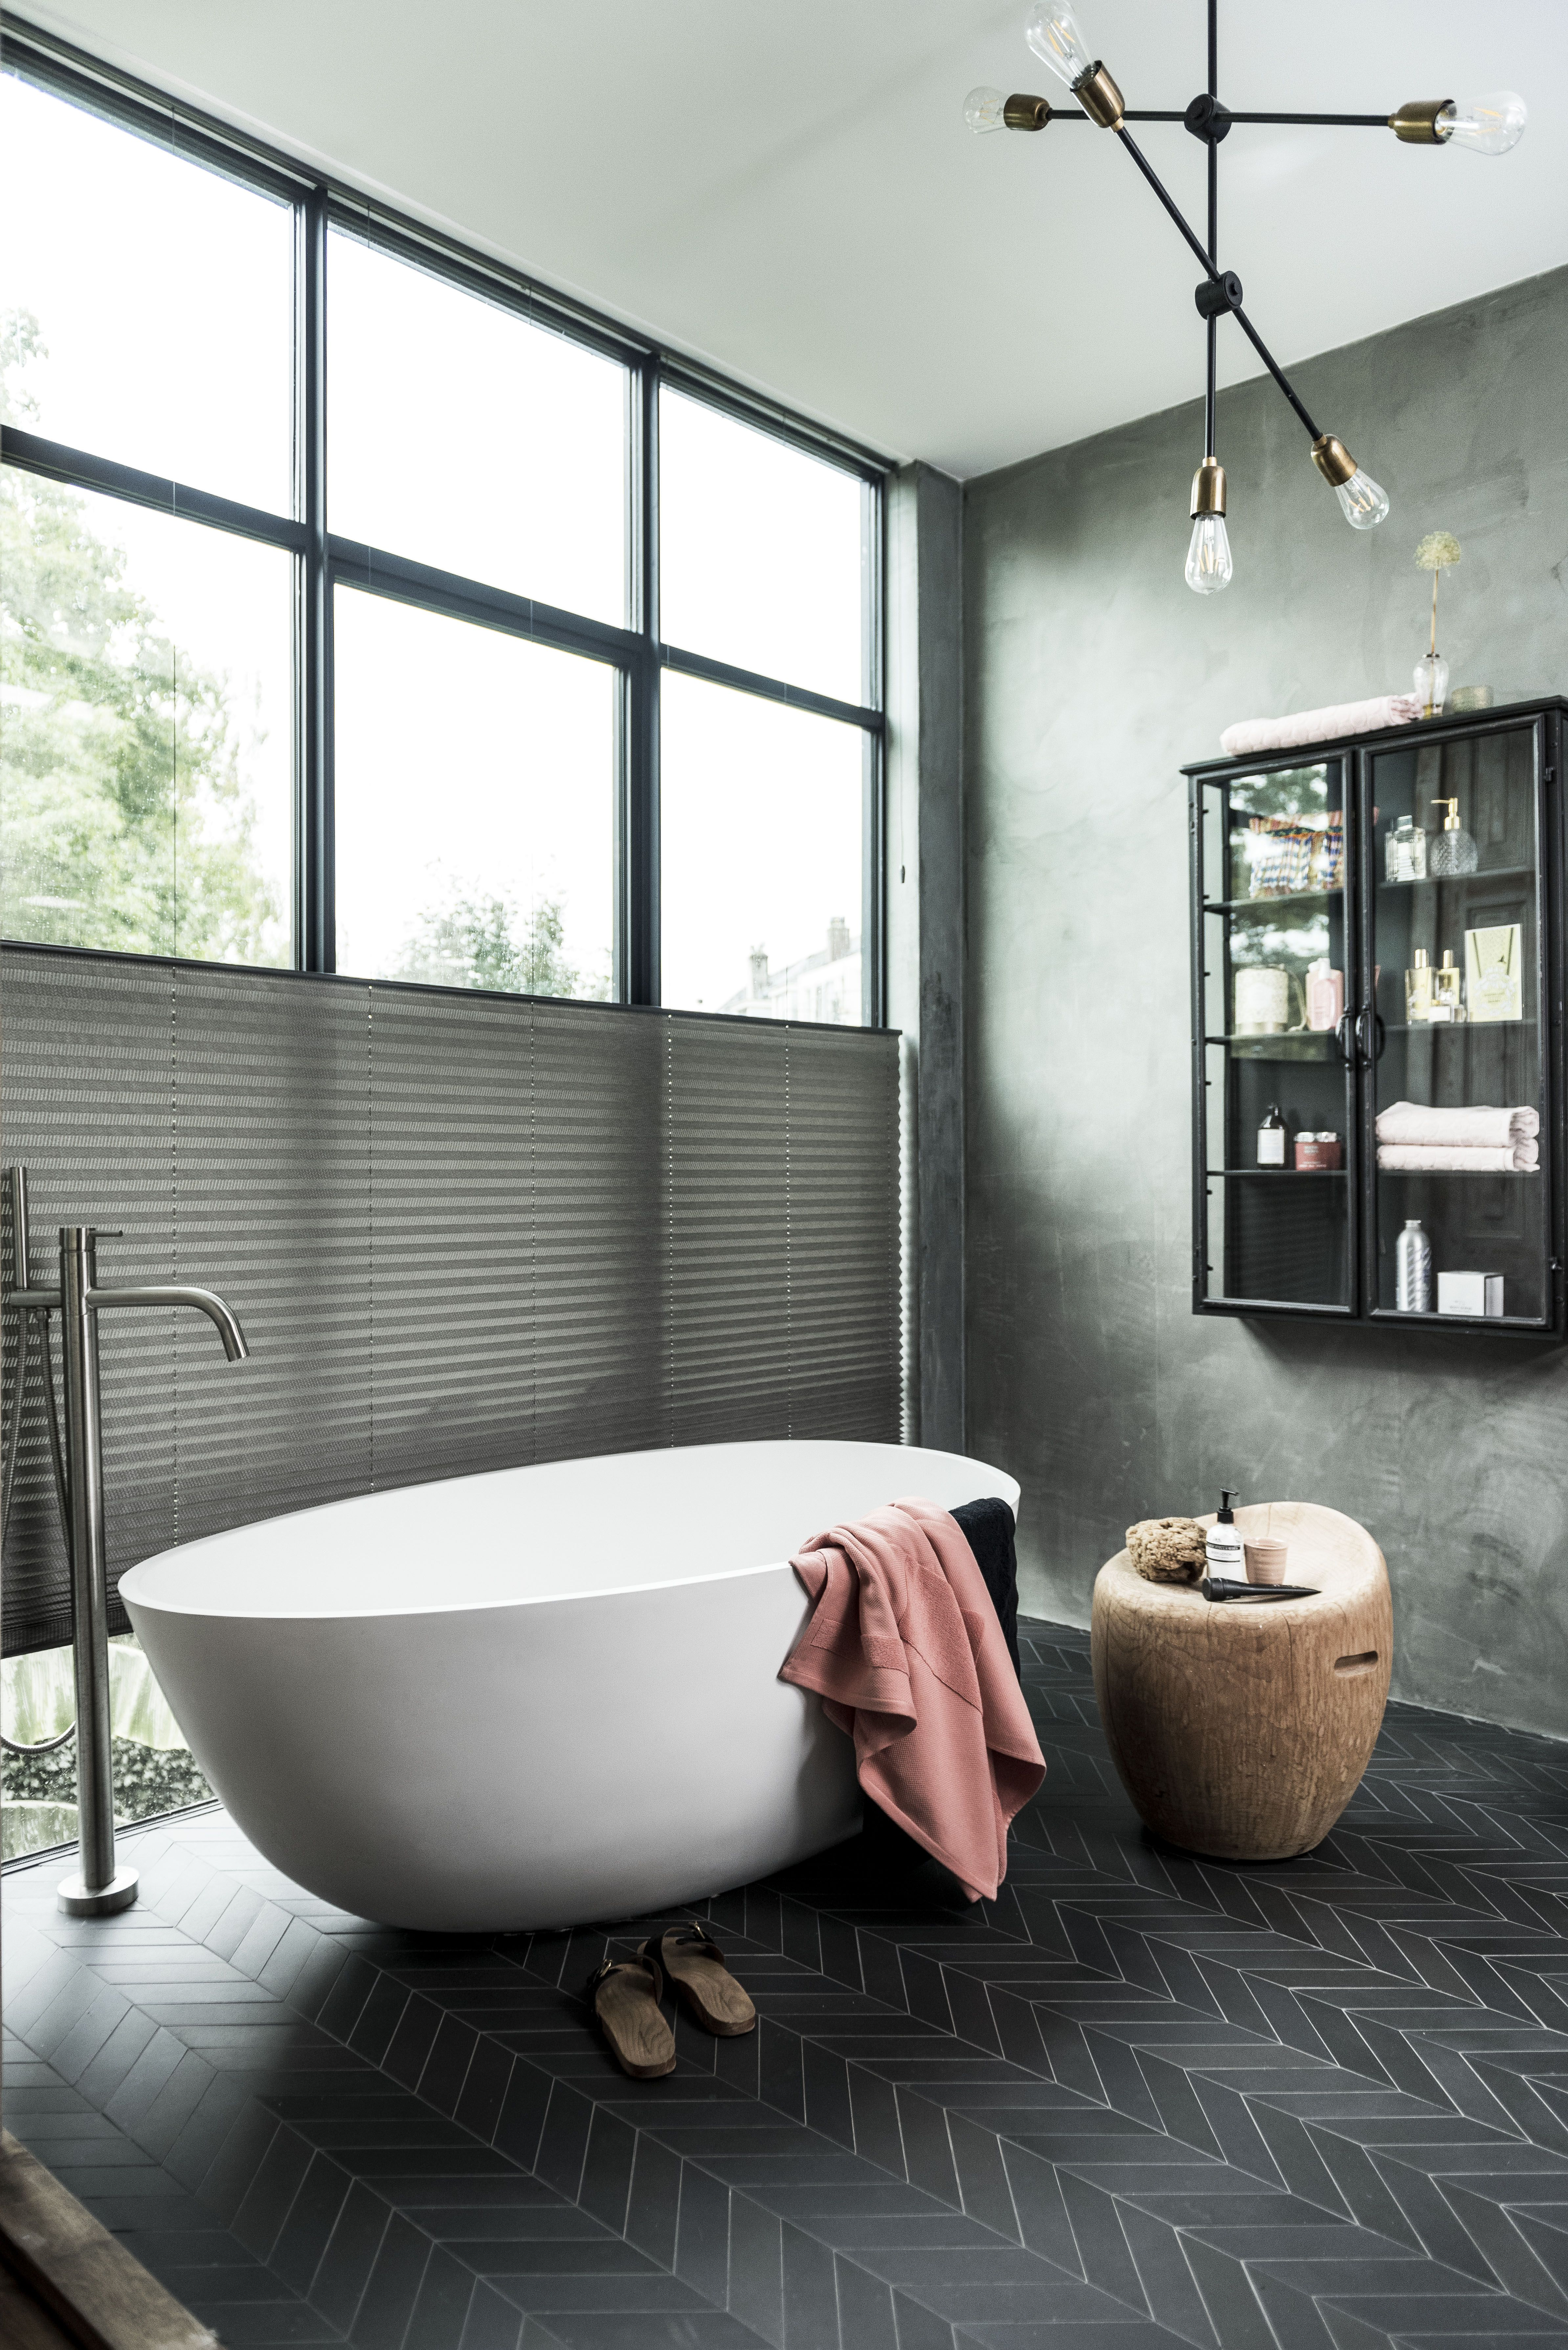 plissgordijn badkamer visgraatmotief inspiratie bece wwwbecenl